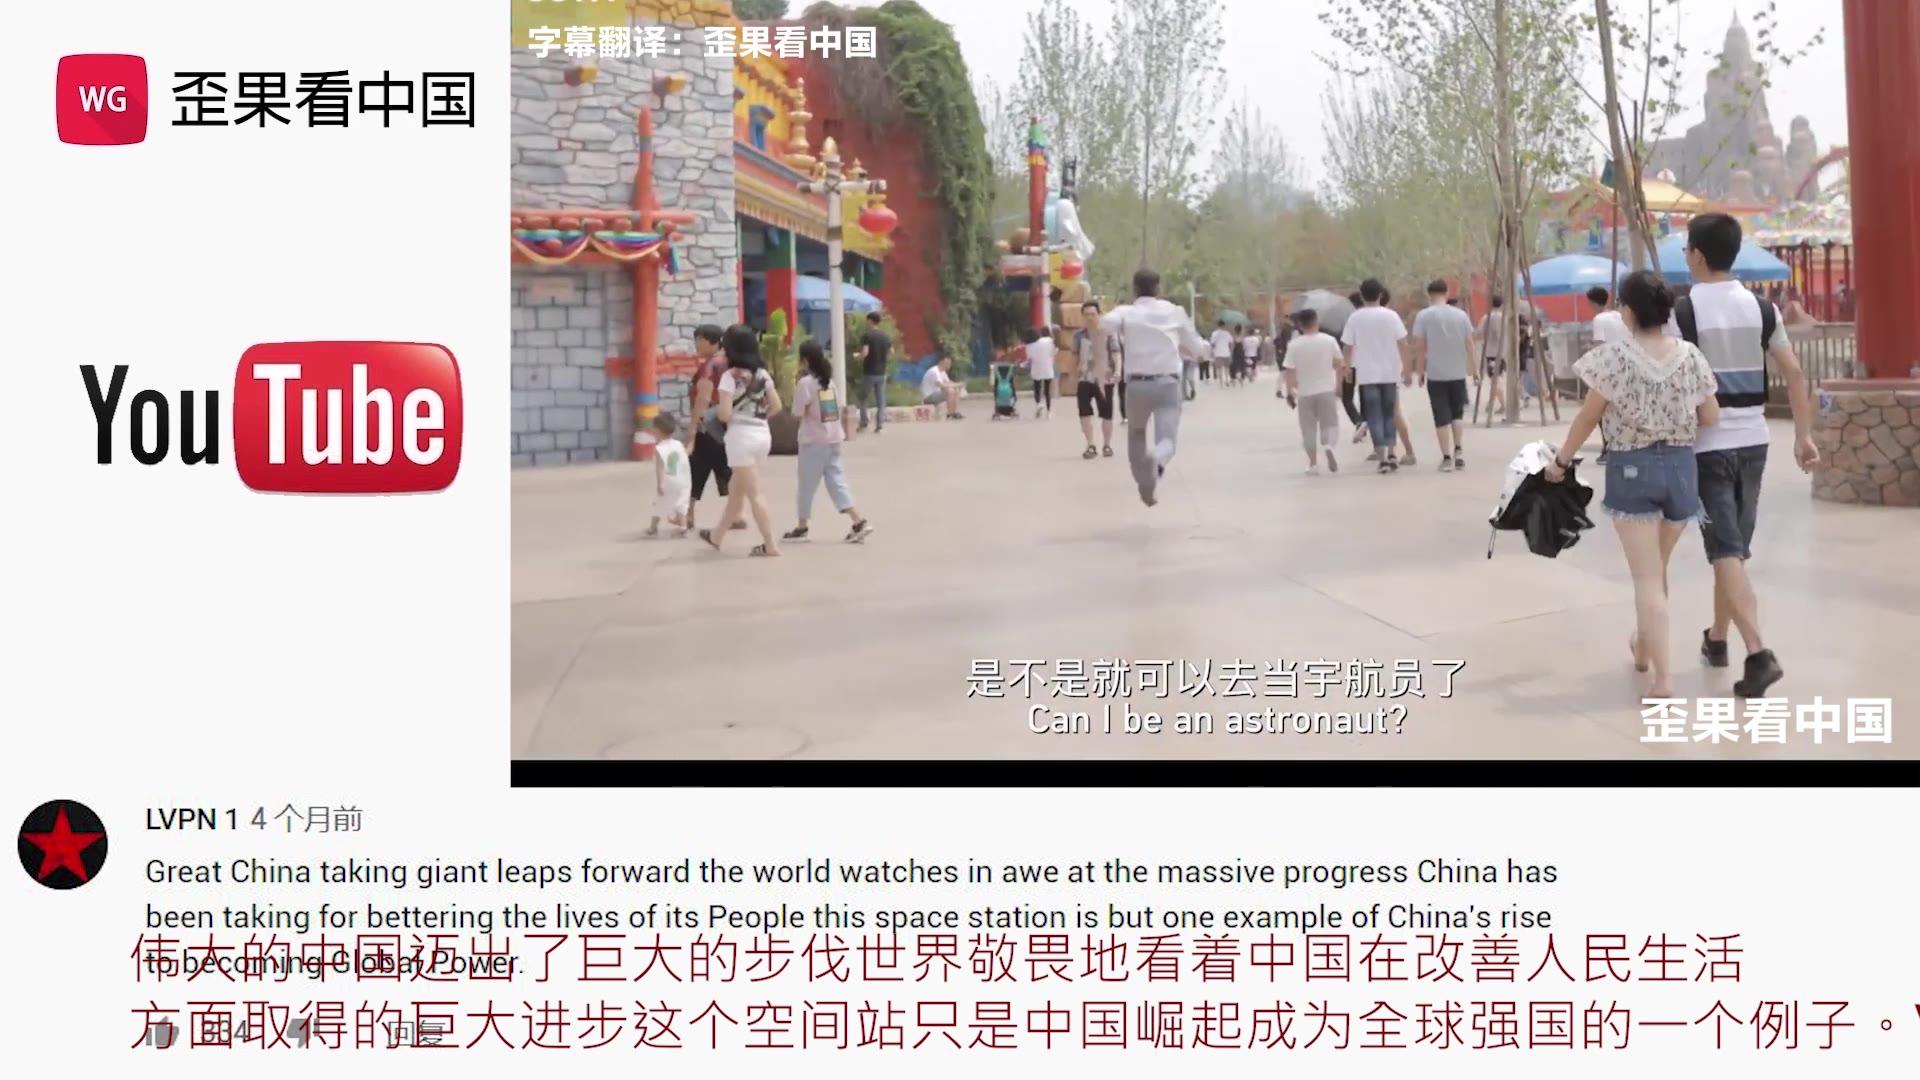 中国的科技,已经到达让你吃惊的地步